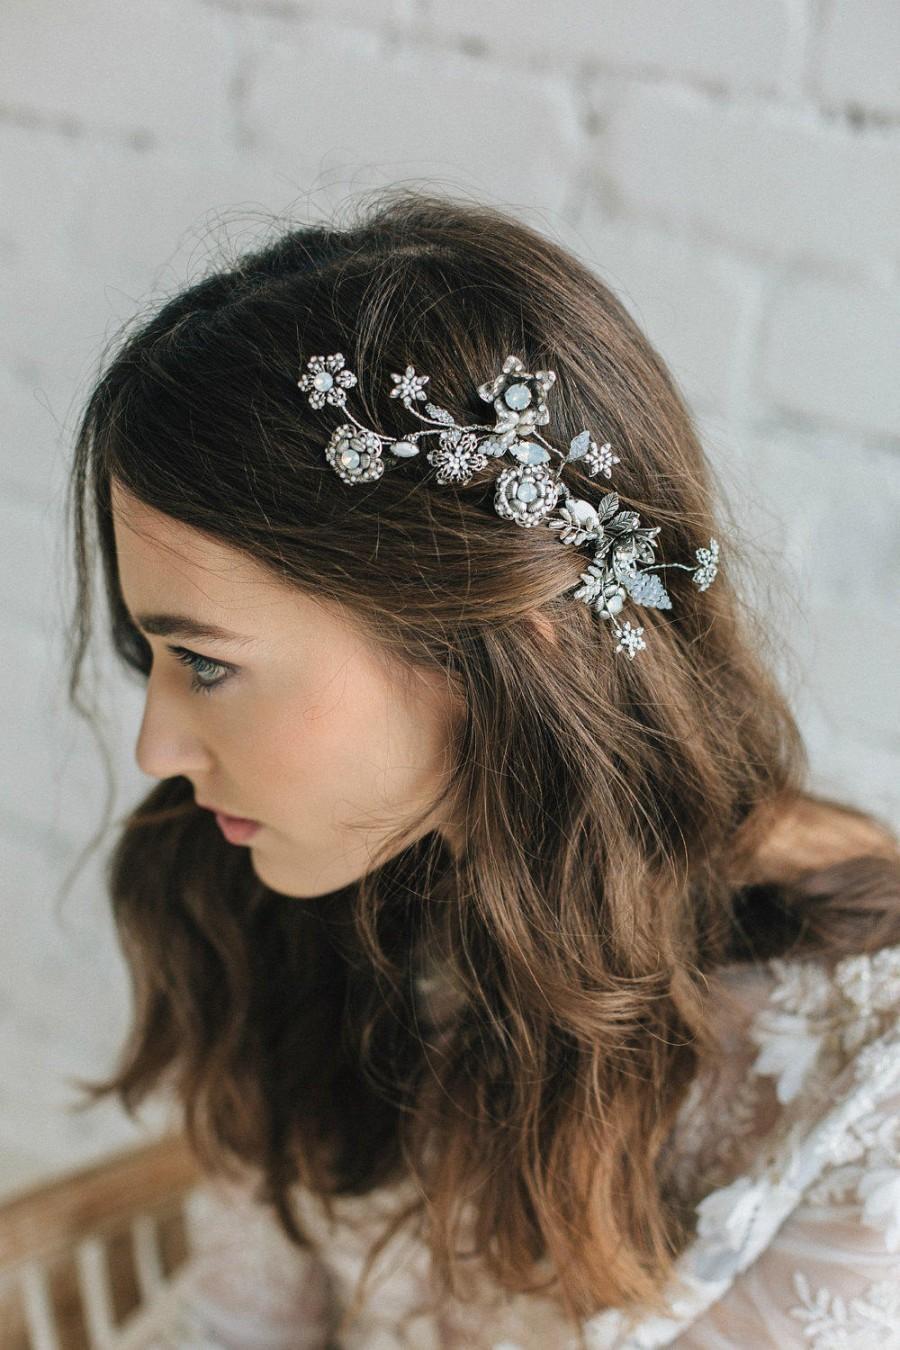 Wedding - Wedding Hair Accessories , Bridal Hair Flower, 3D Floral Hair Comb , Wedding Hair Piece , Large Bridal Comb, Bridal Opal Hair Accessory